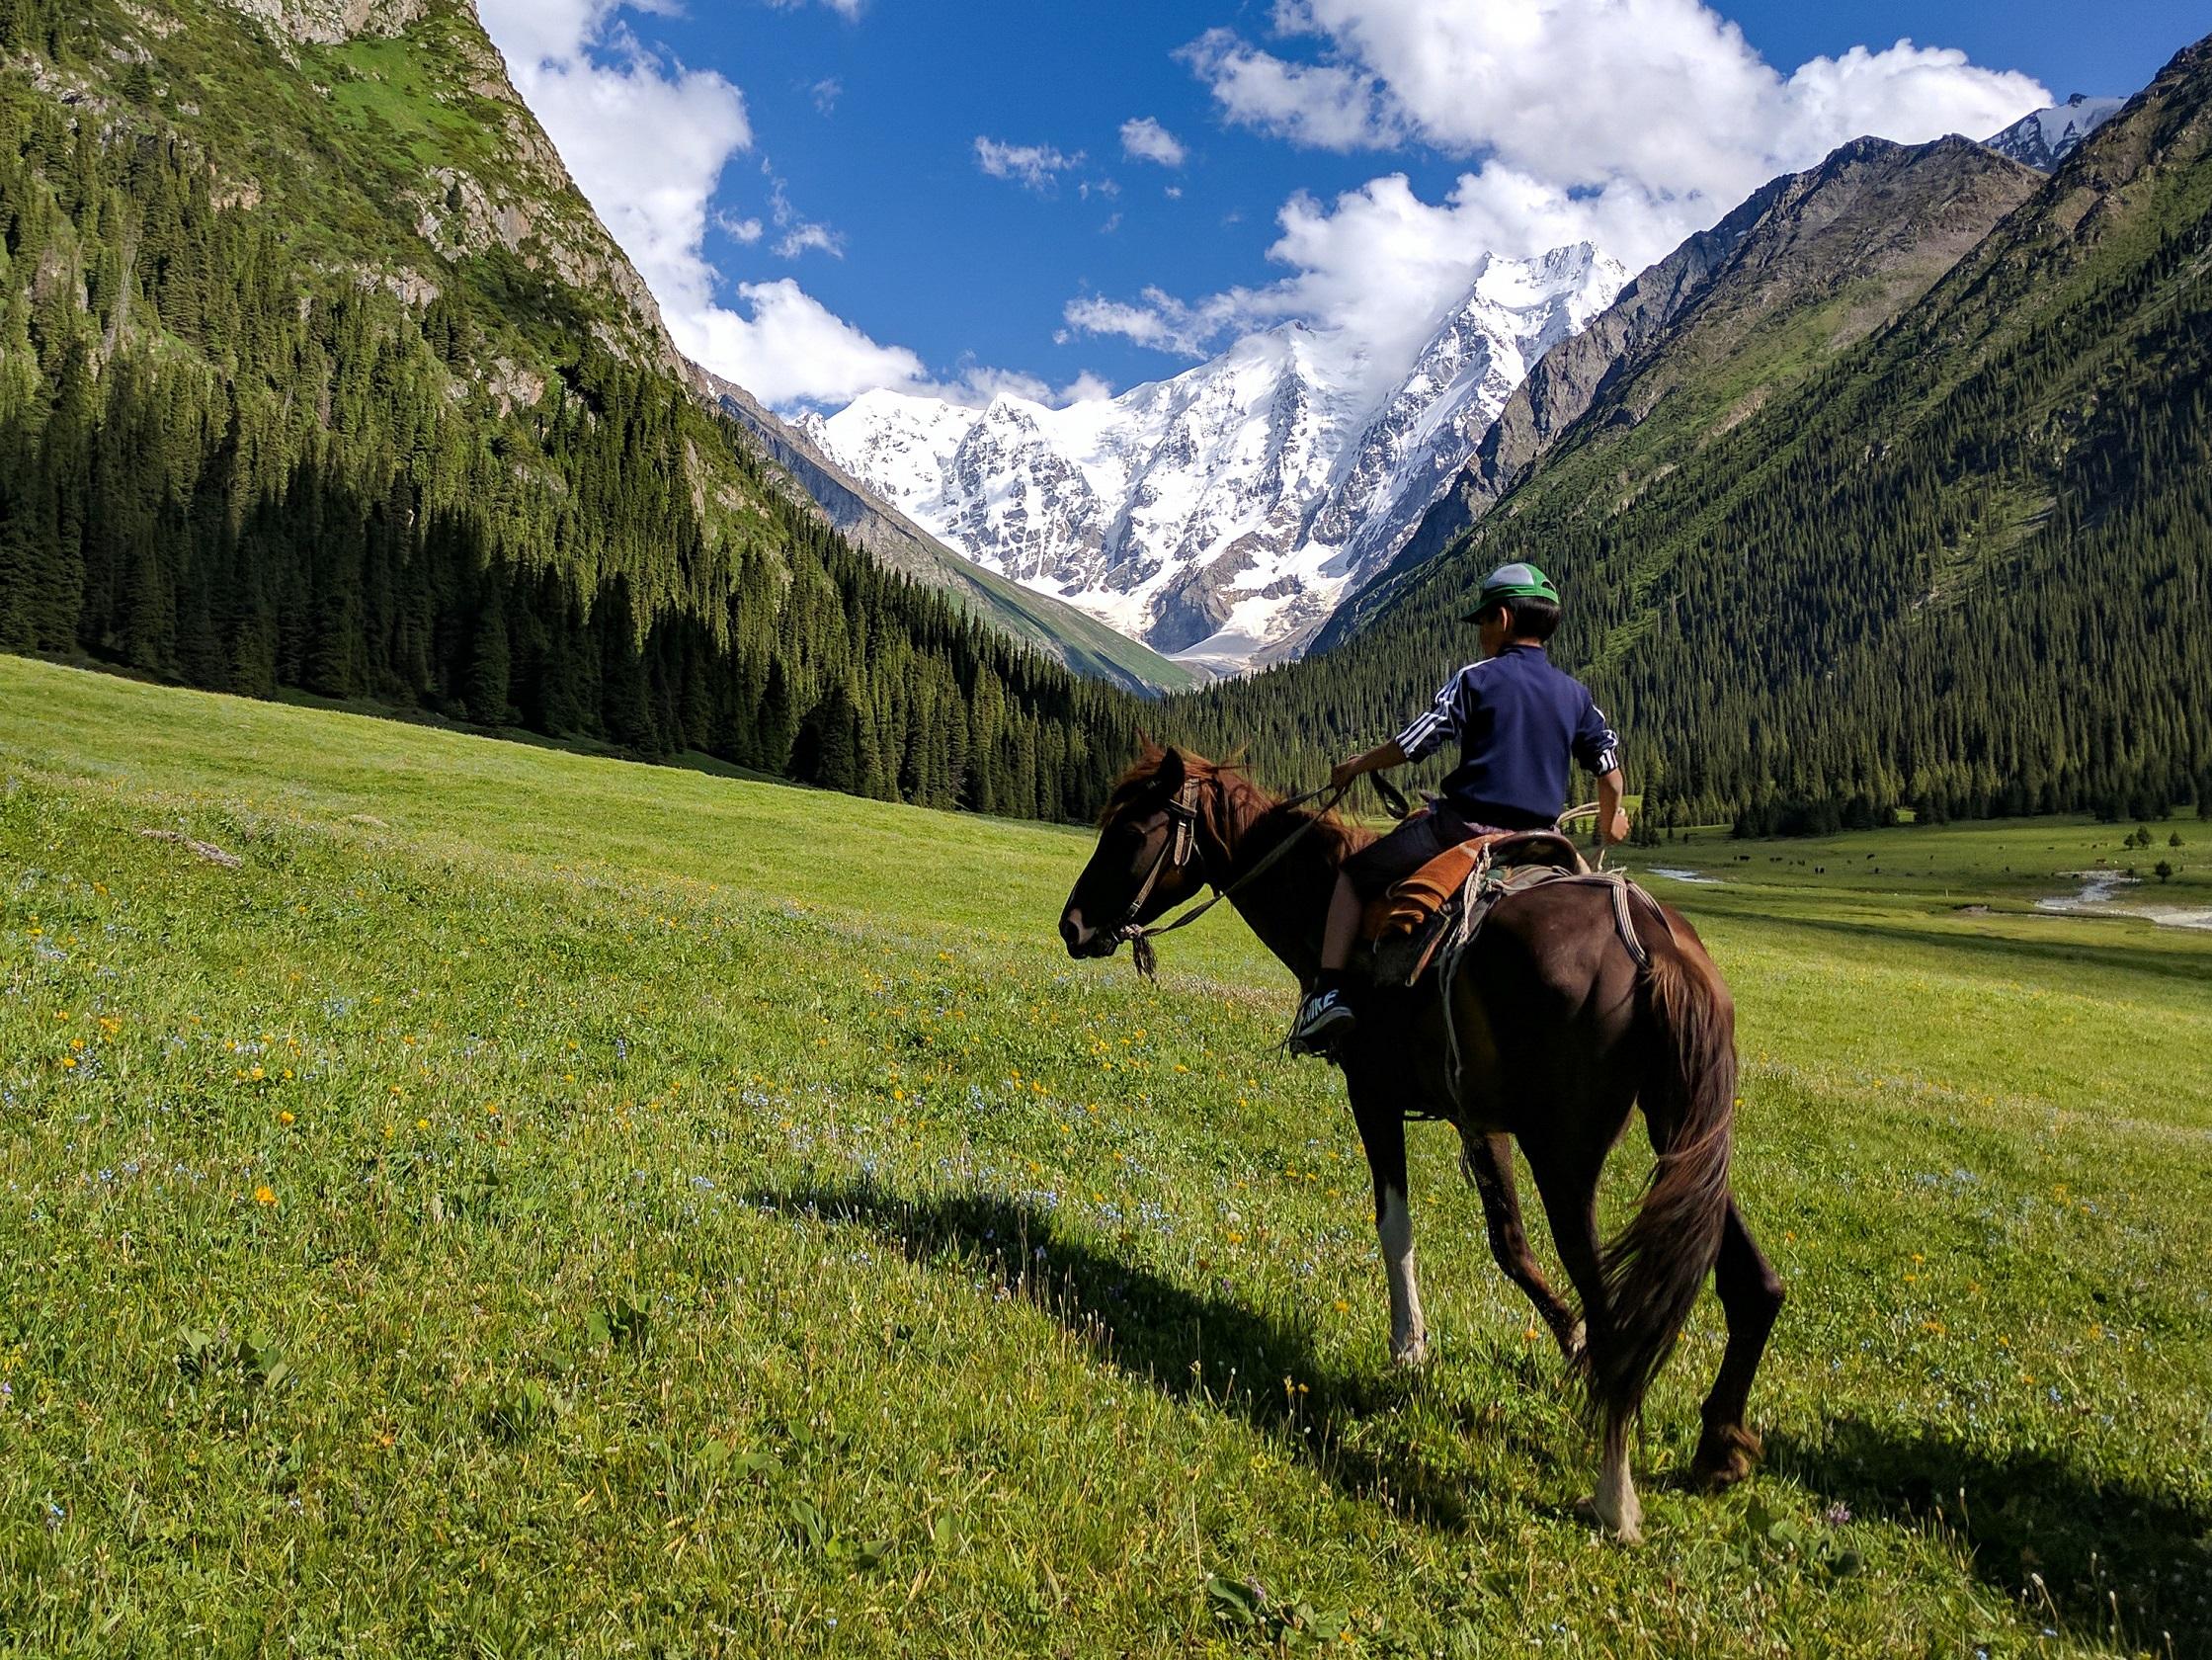 Boy on a horse in Kyrgyzstan